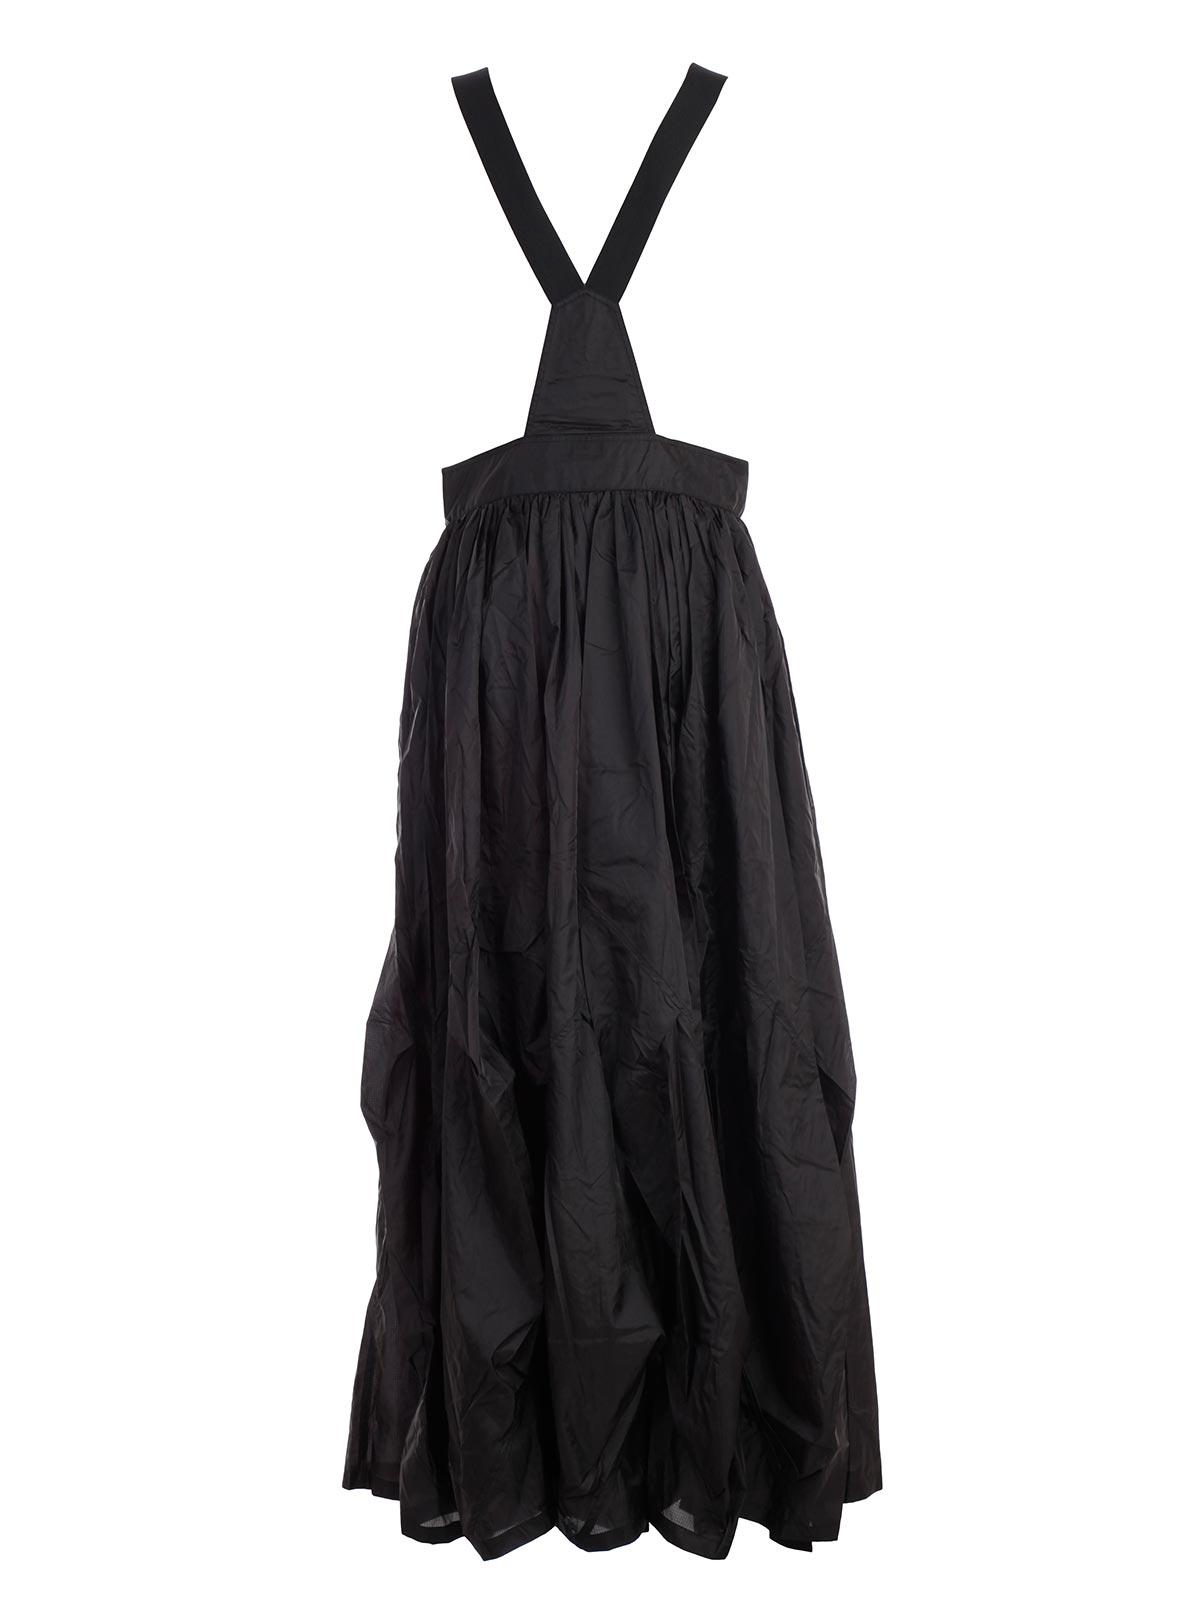 e1401e985 Y-3 Yohji Yamamoto Adidas Skirt DY7245 - BLACK.Bernardelli Store ...